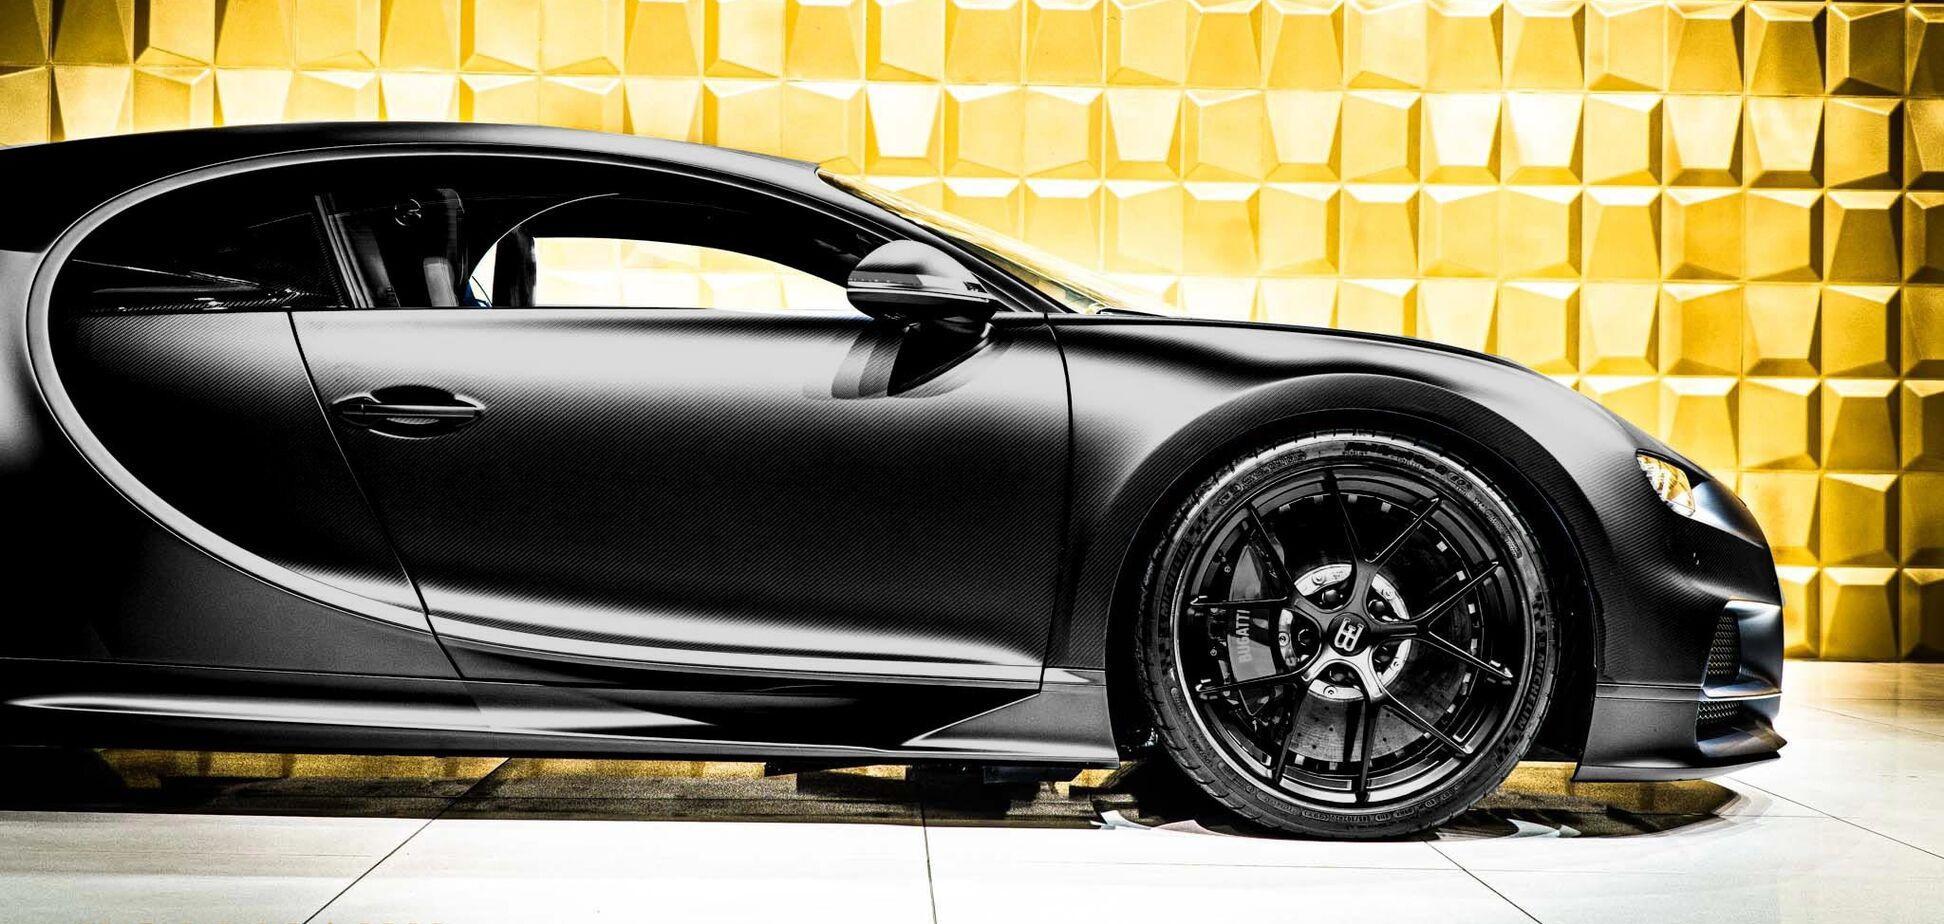 Б/у автомобиль оценили в 4 миллиона евро